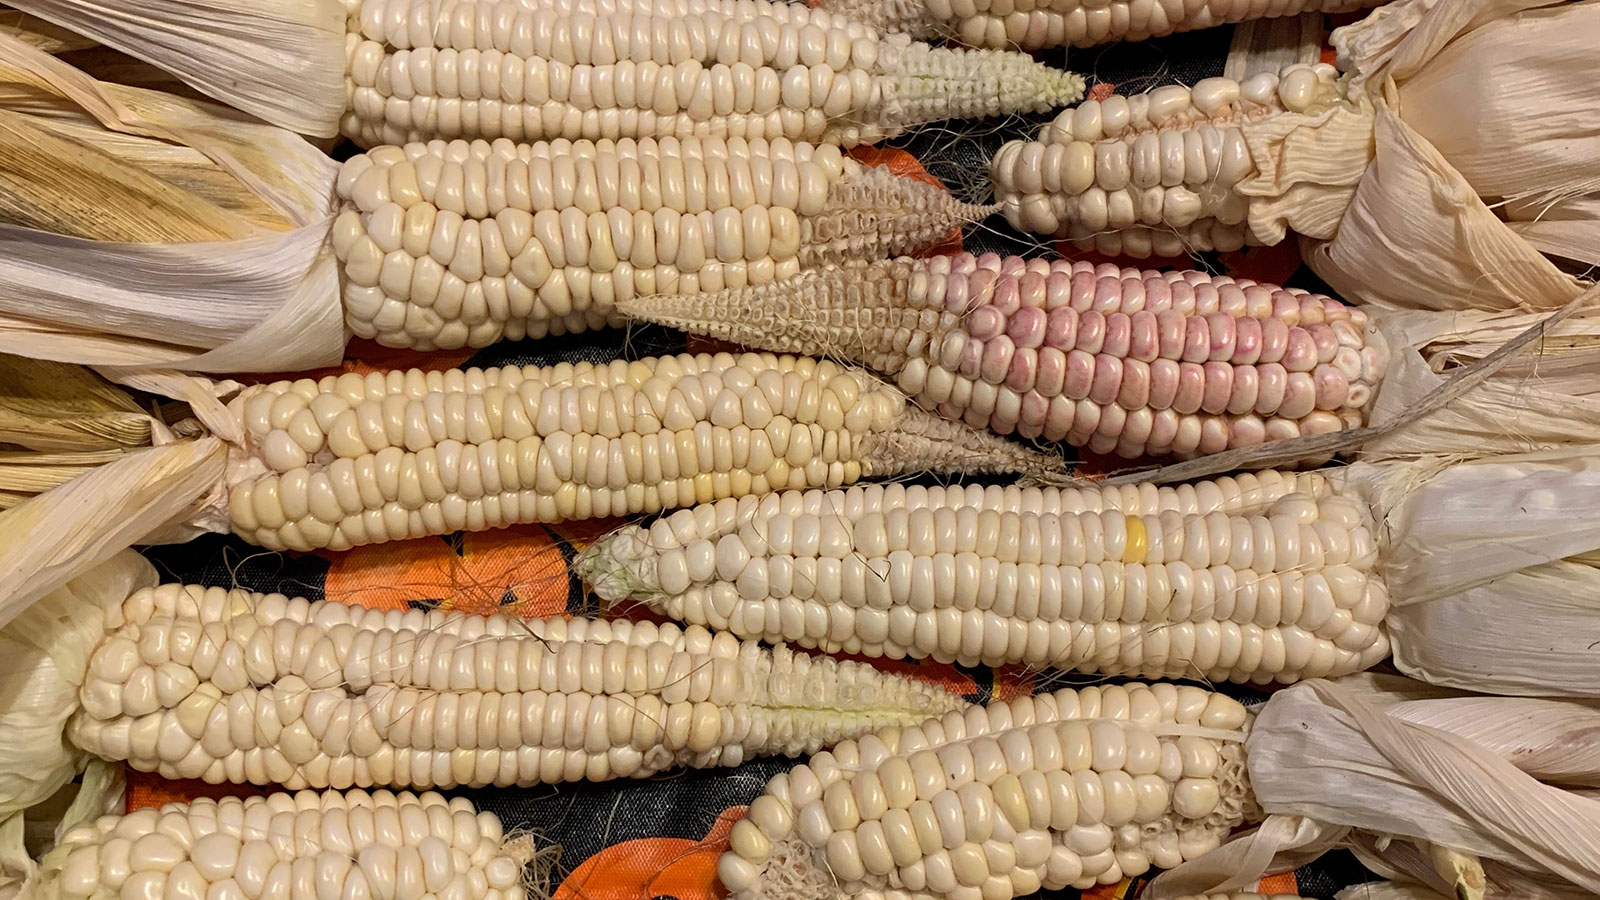 Seneca Round Nose Corn #1